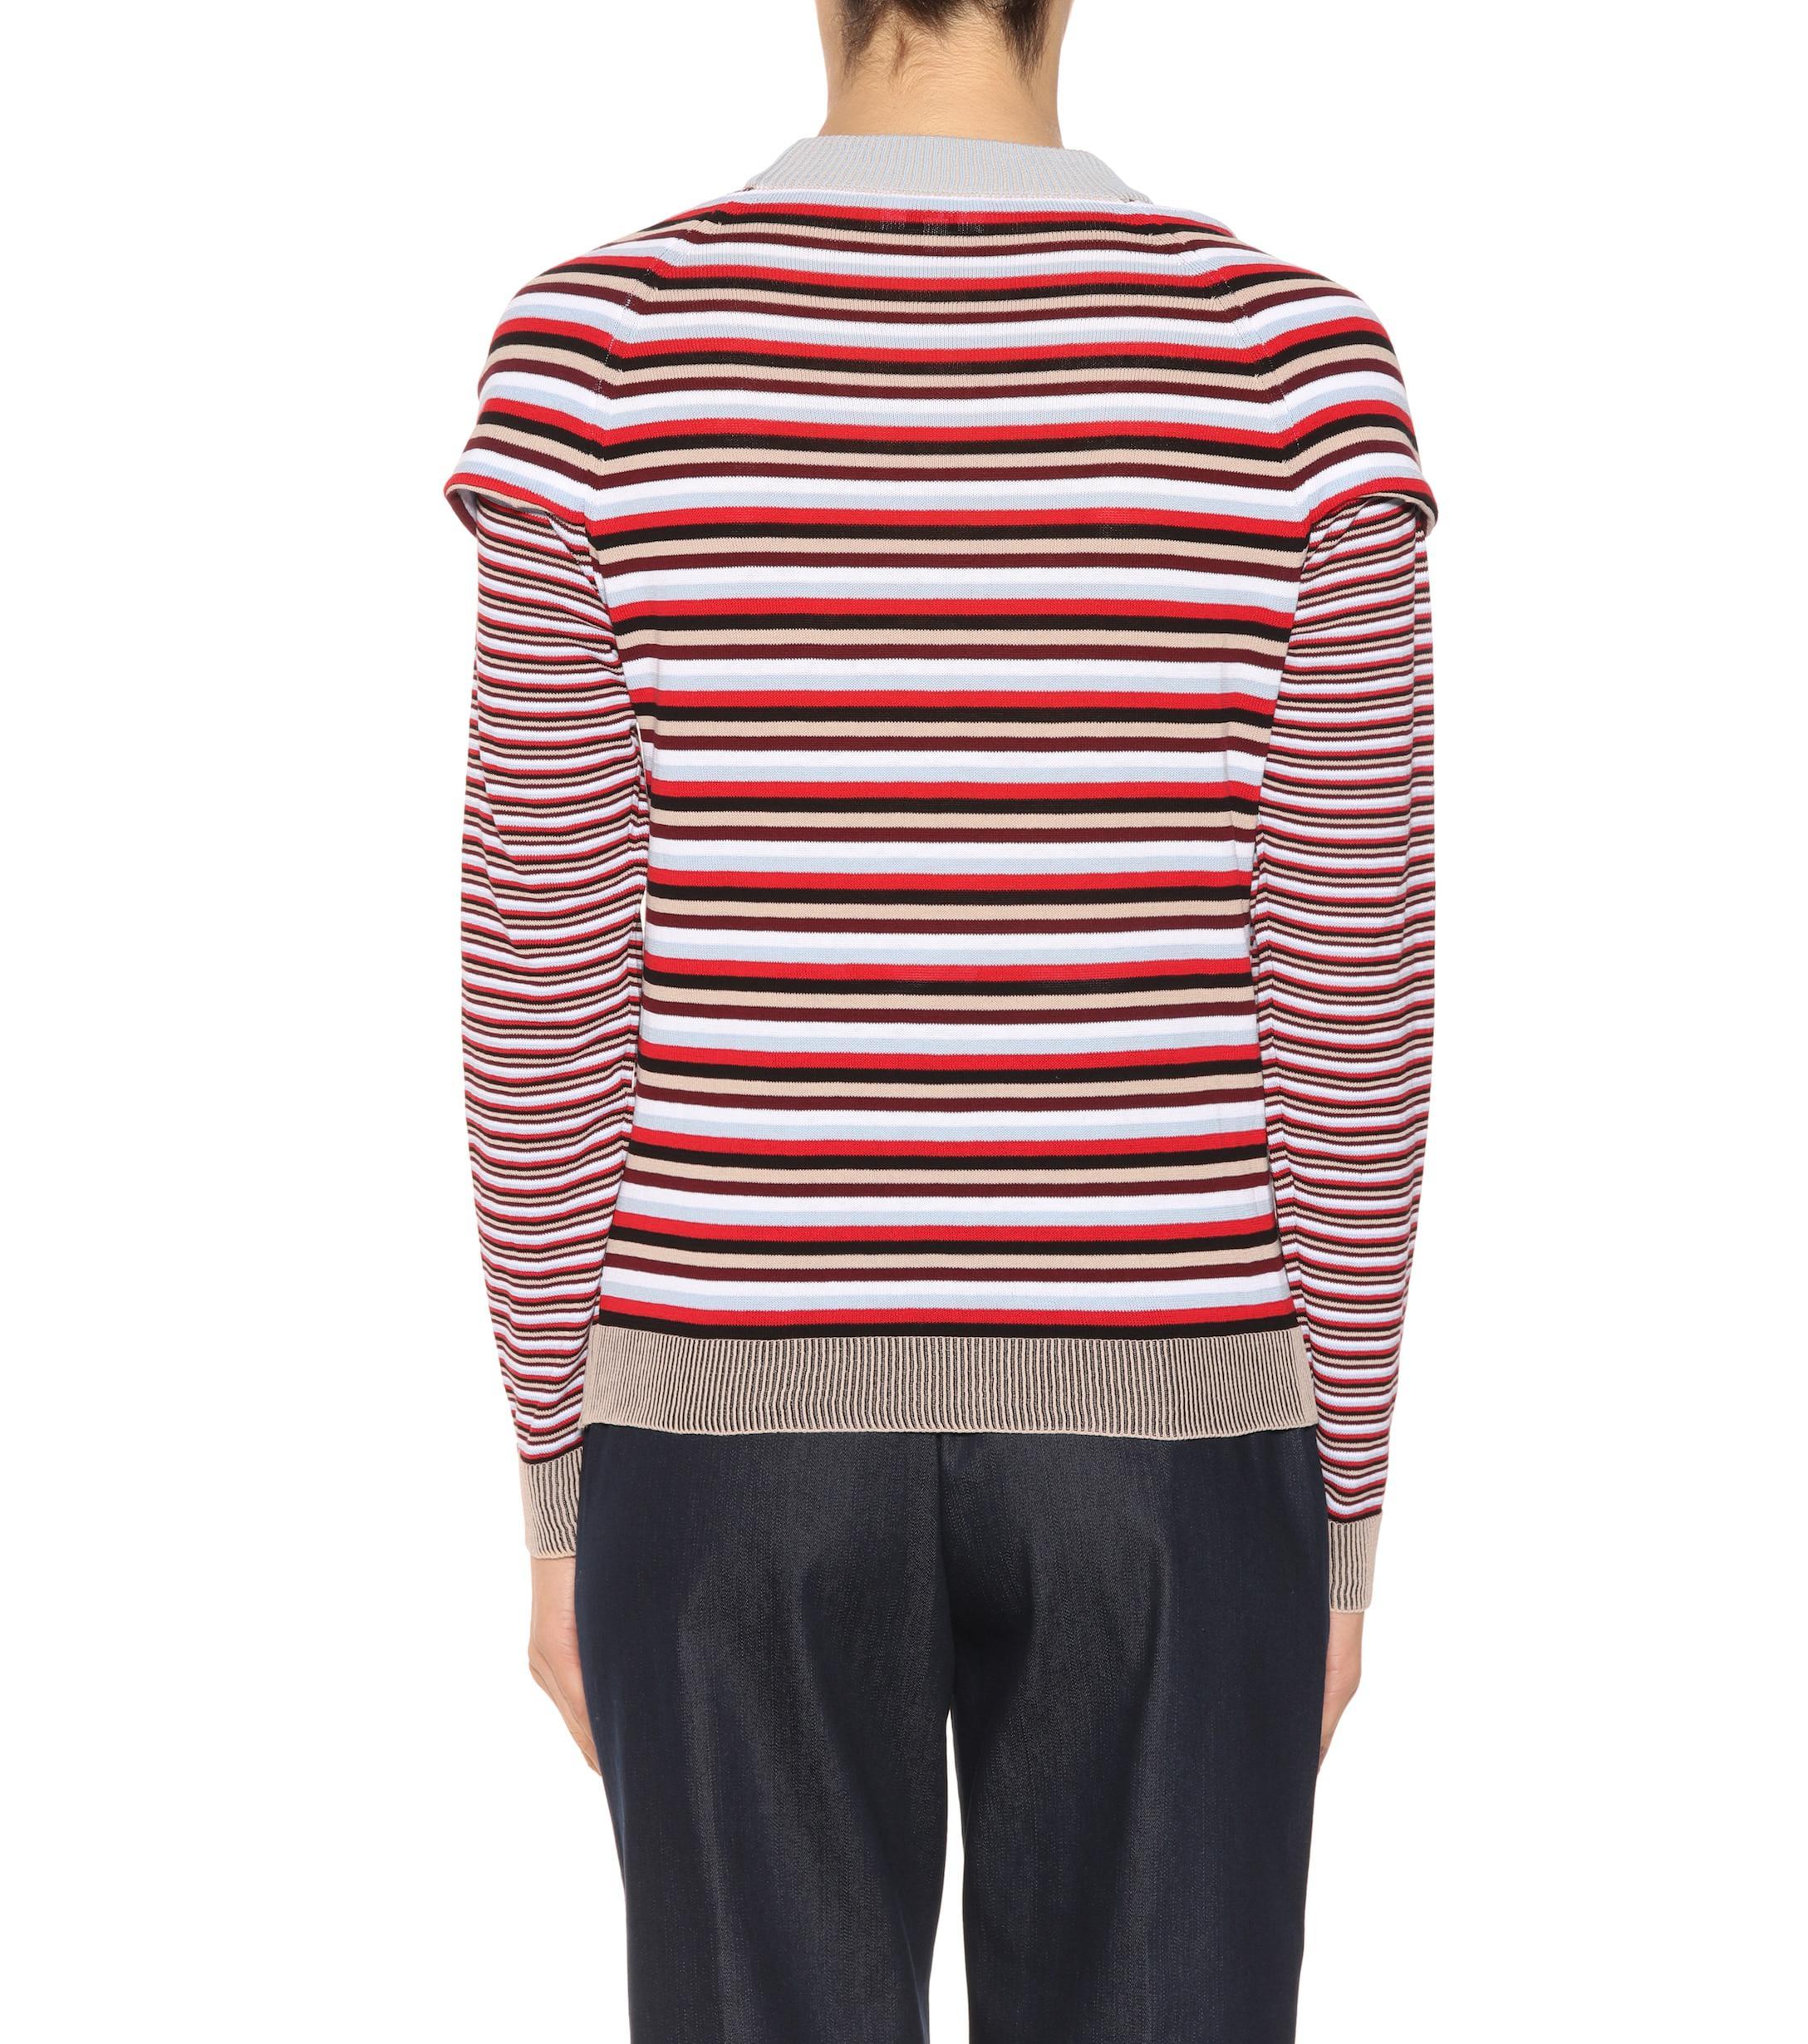 Suéter de algodón a rayas Isa Arfen de Algodón de color Rojo